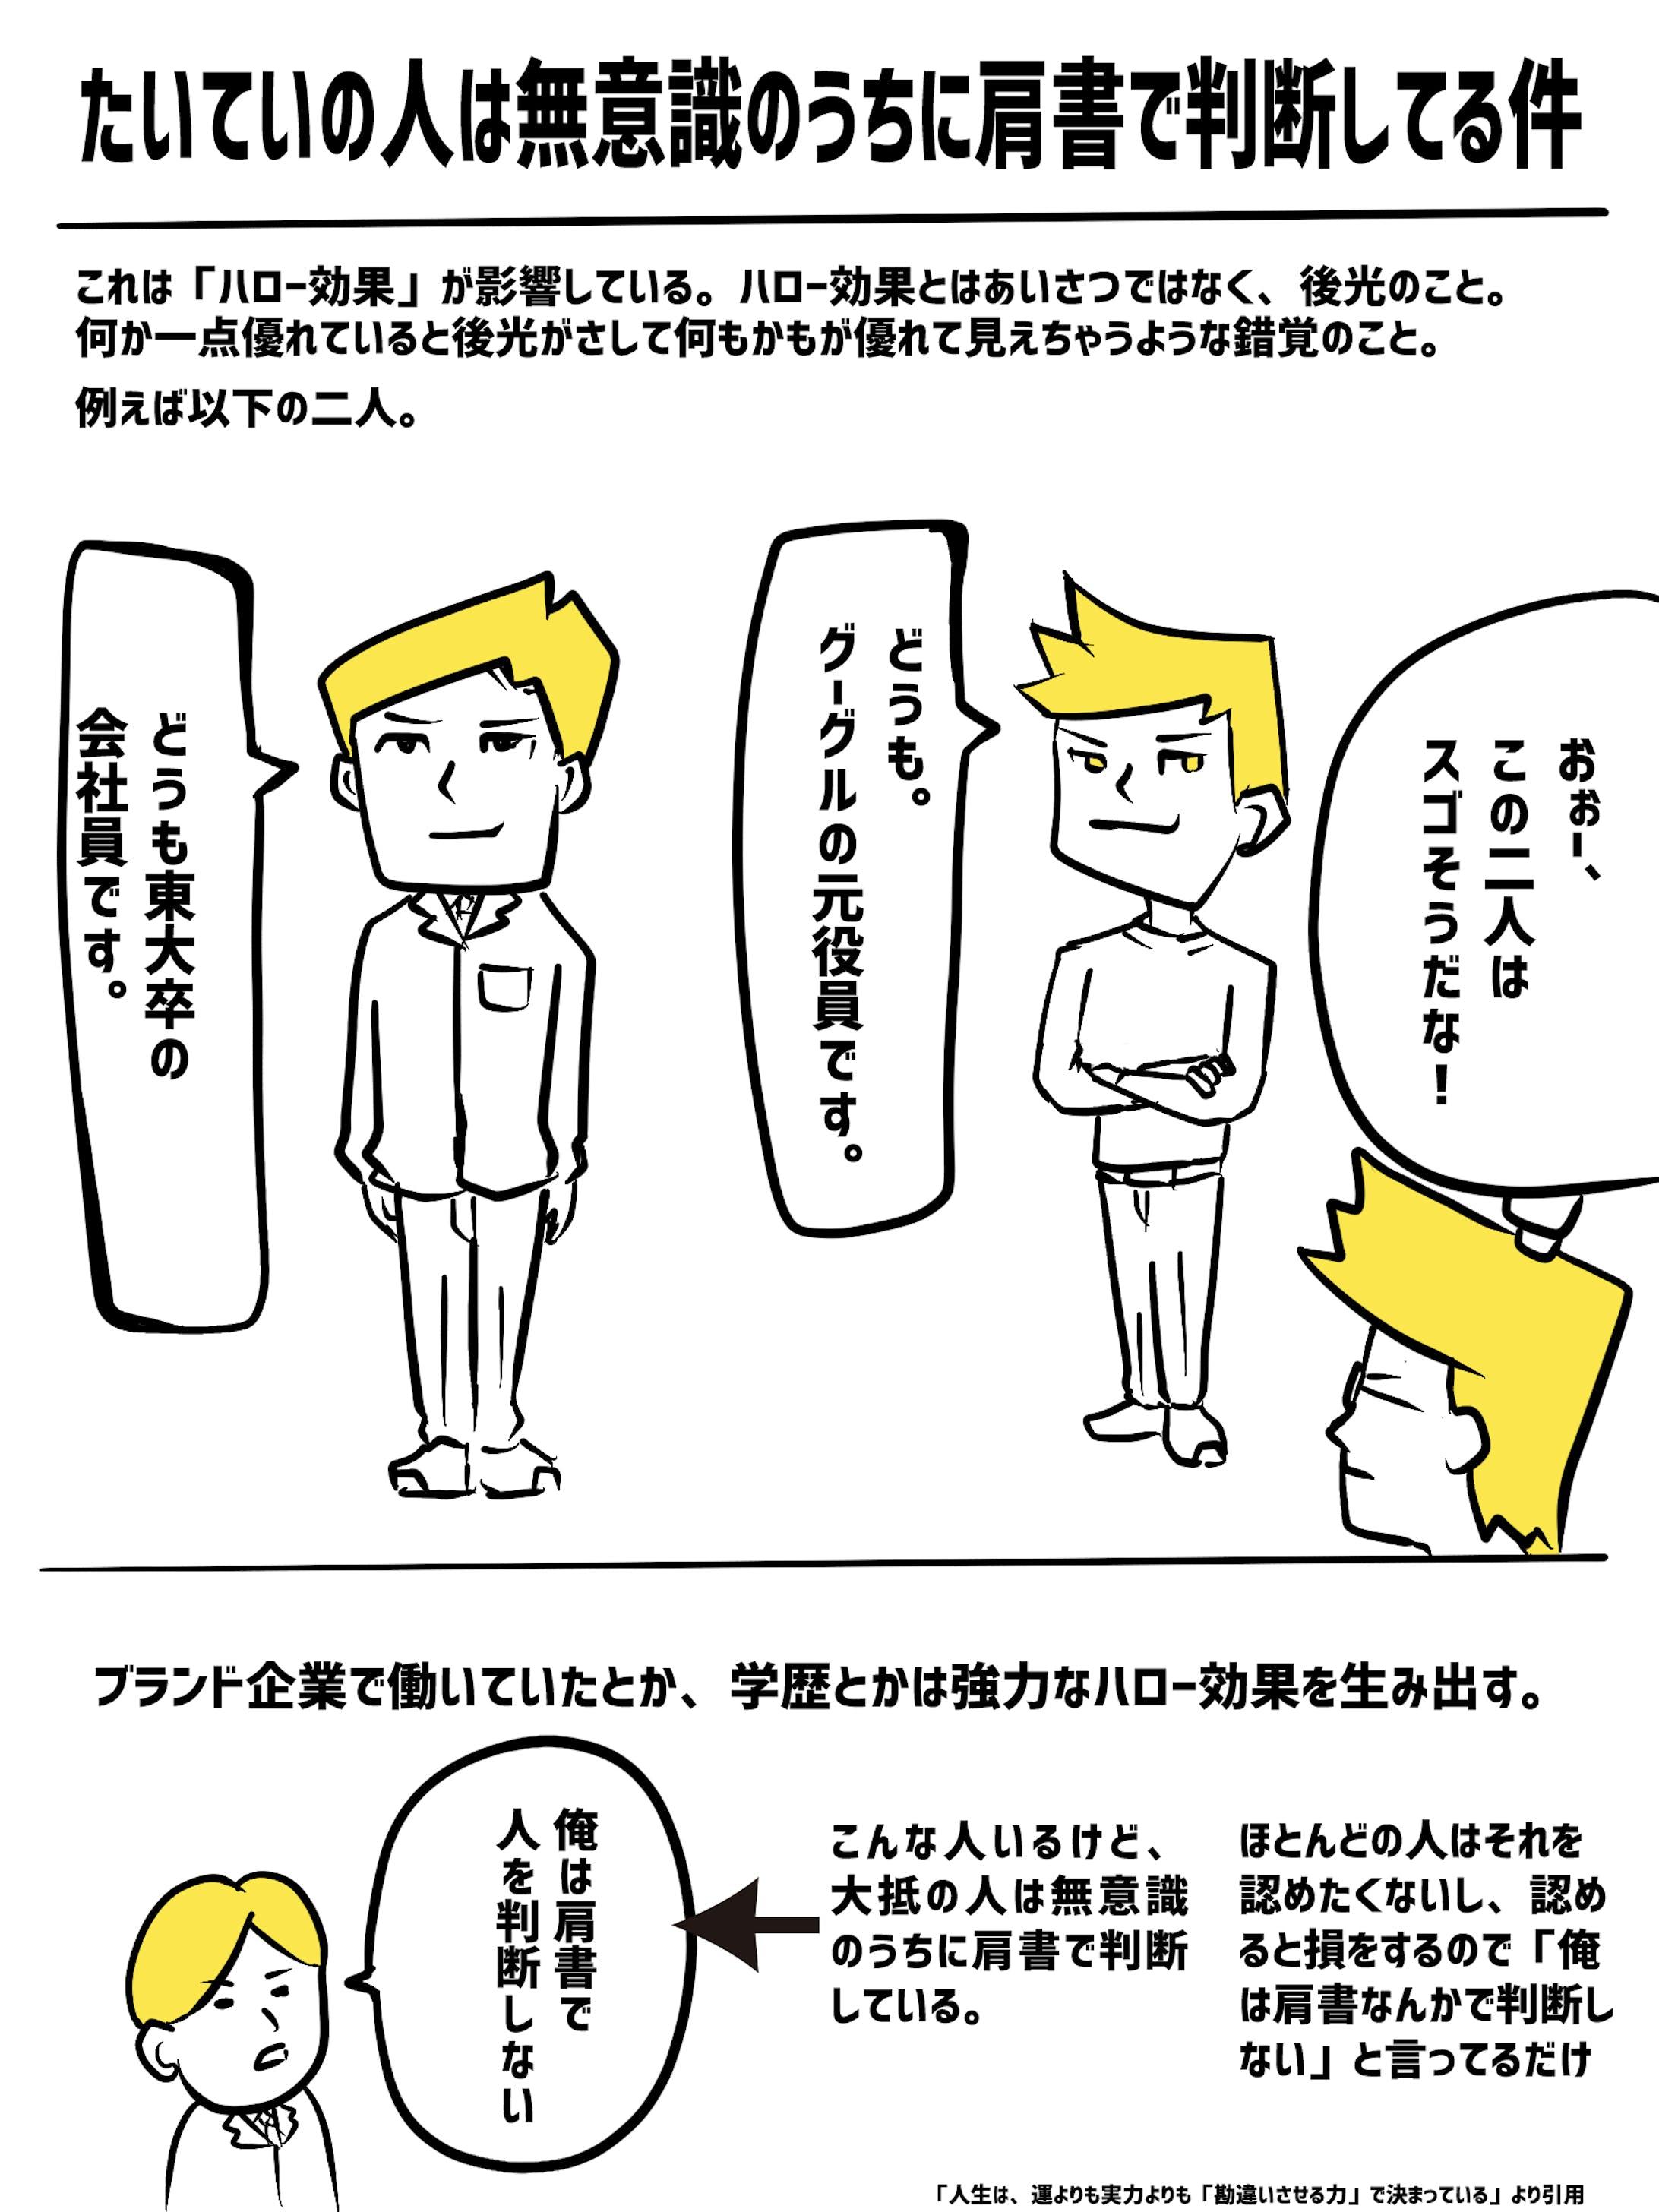 マーケティング解説マンガ-2